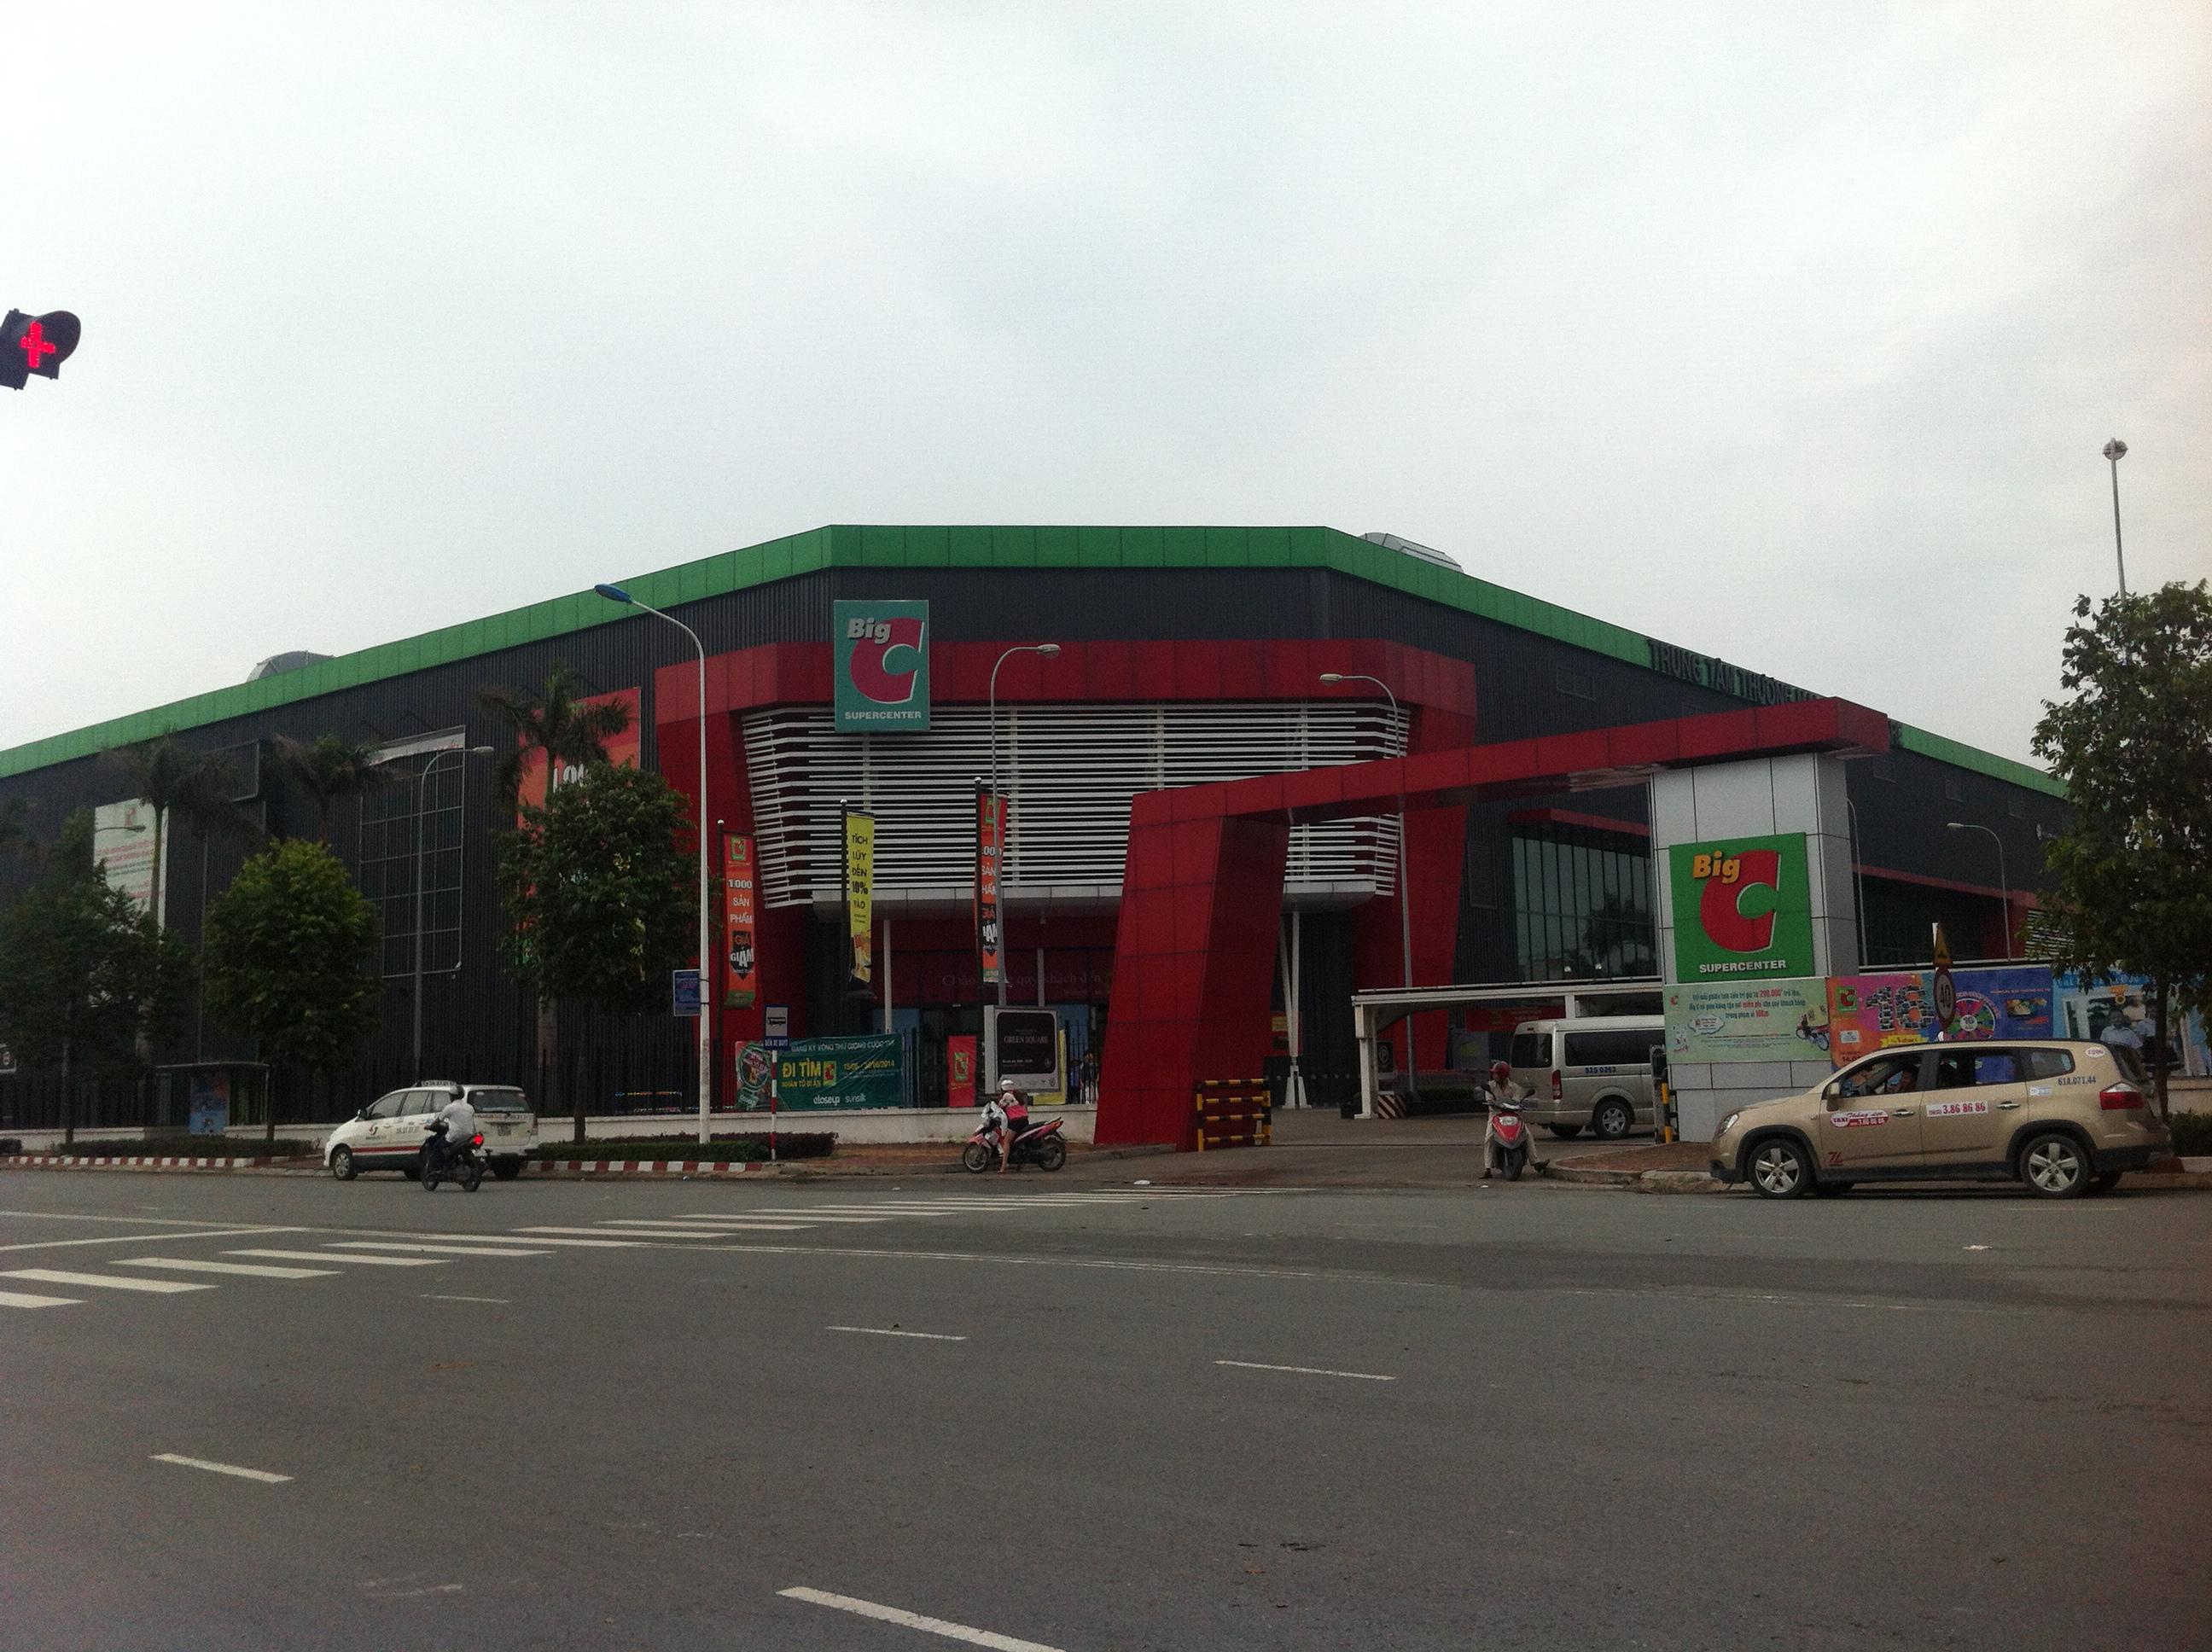 đất khu trung tâm hành chính dĩ an, đất nền gần trung tâm mua sắm big c dĩ an.